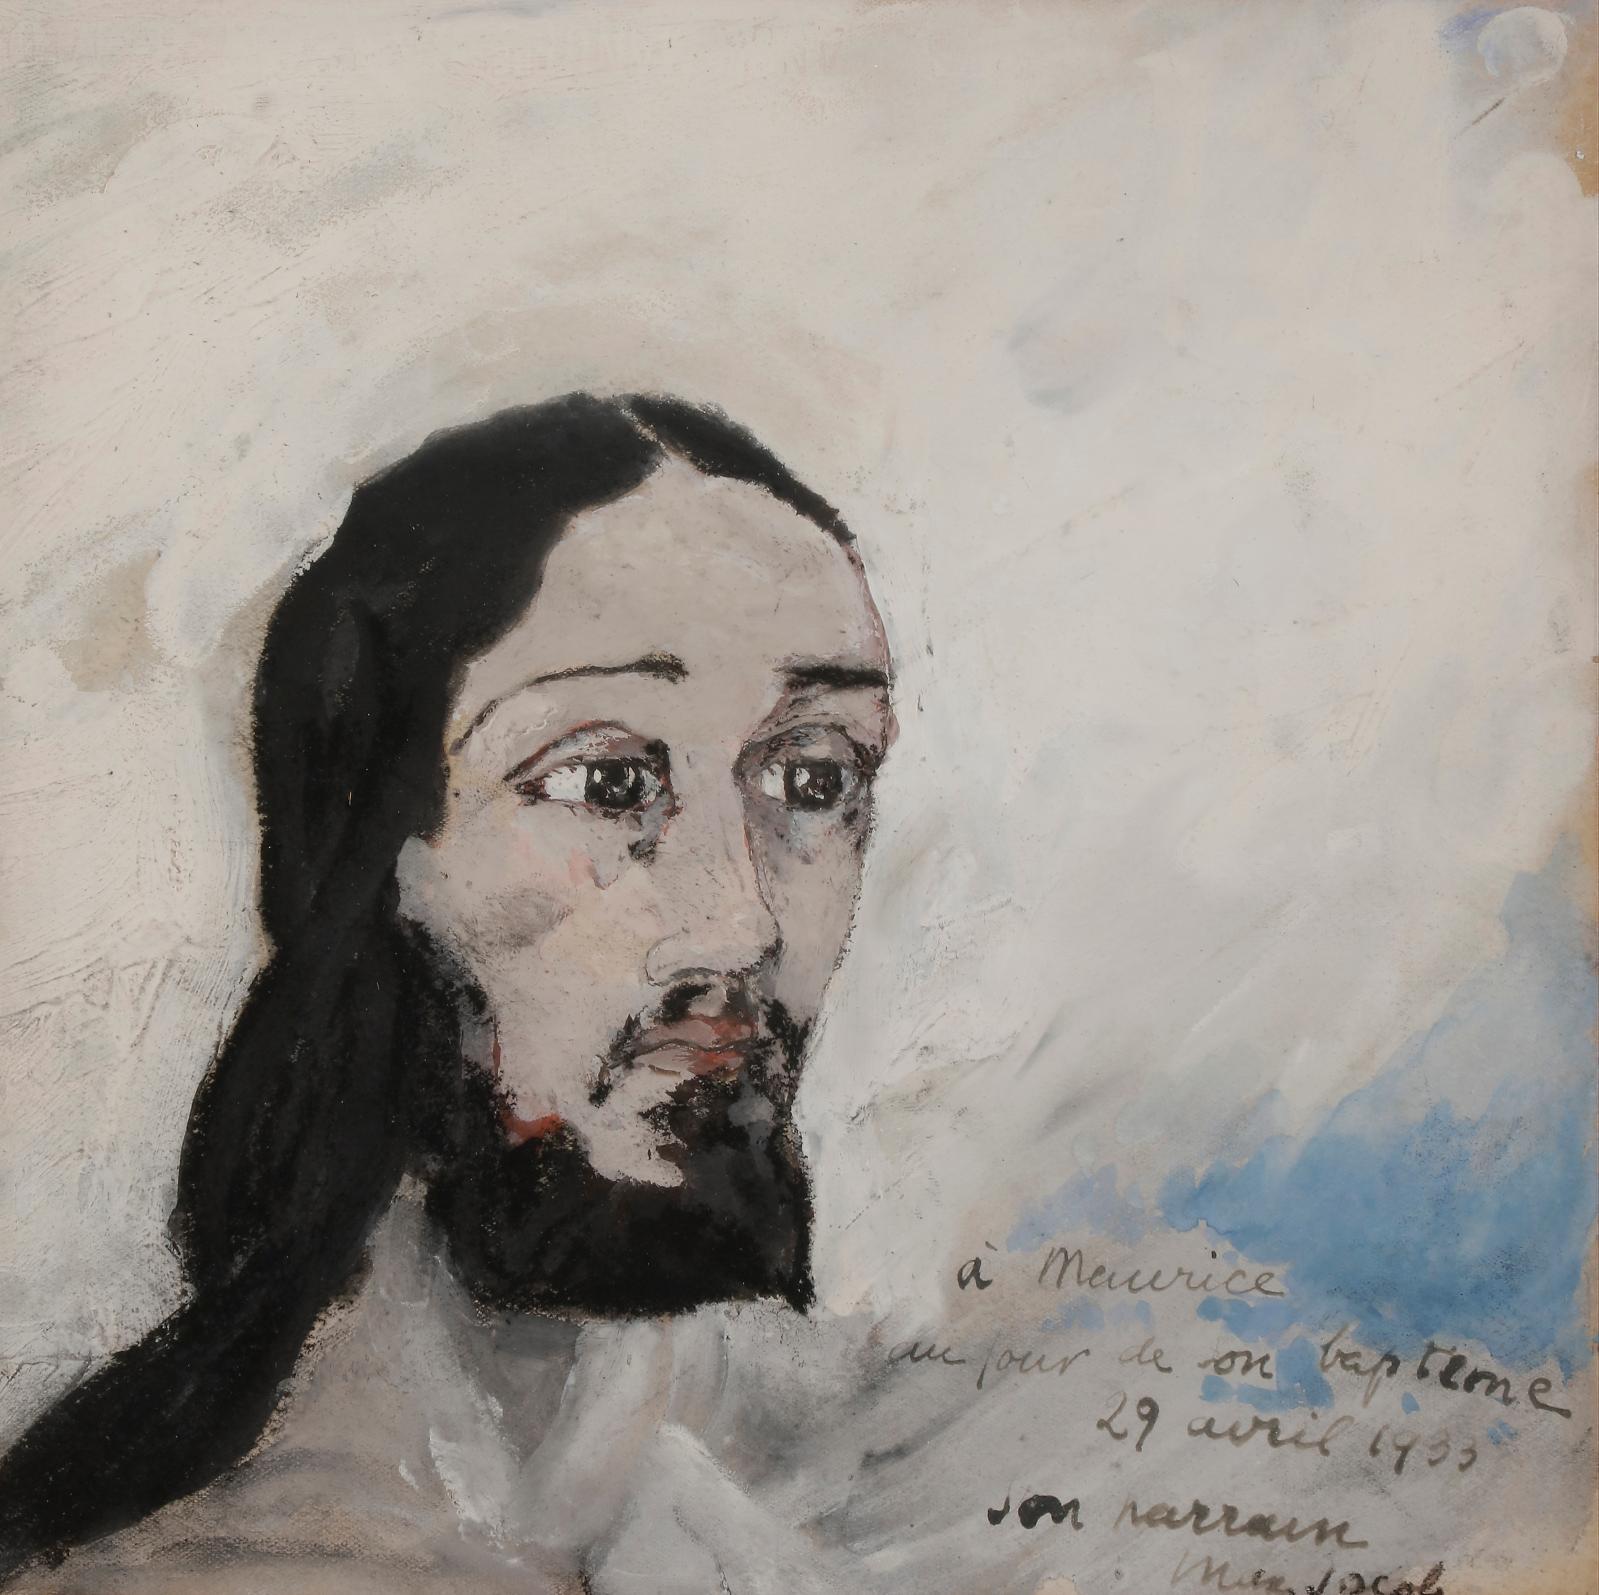 Tête de Christ, 1933, gouache sur carton, 25,5x25,5cm. Estimation: 1500/2000€